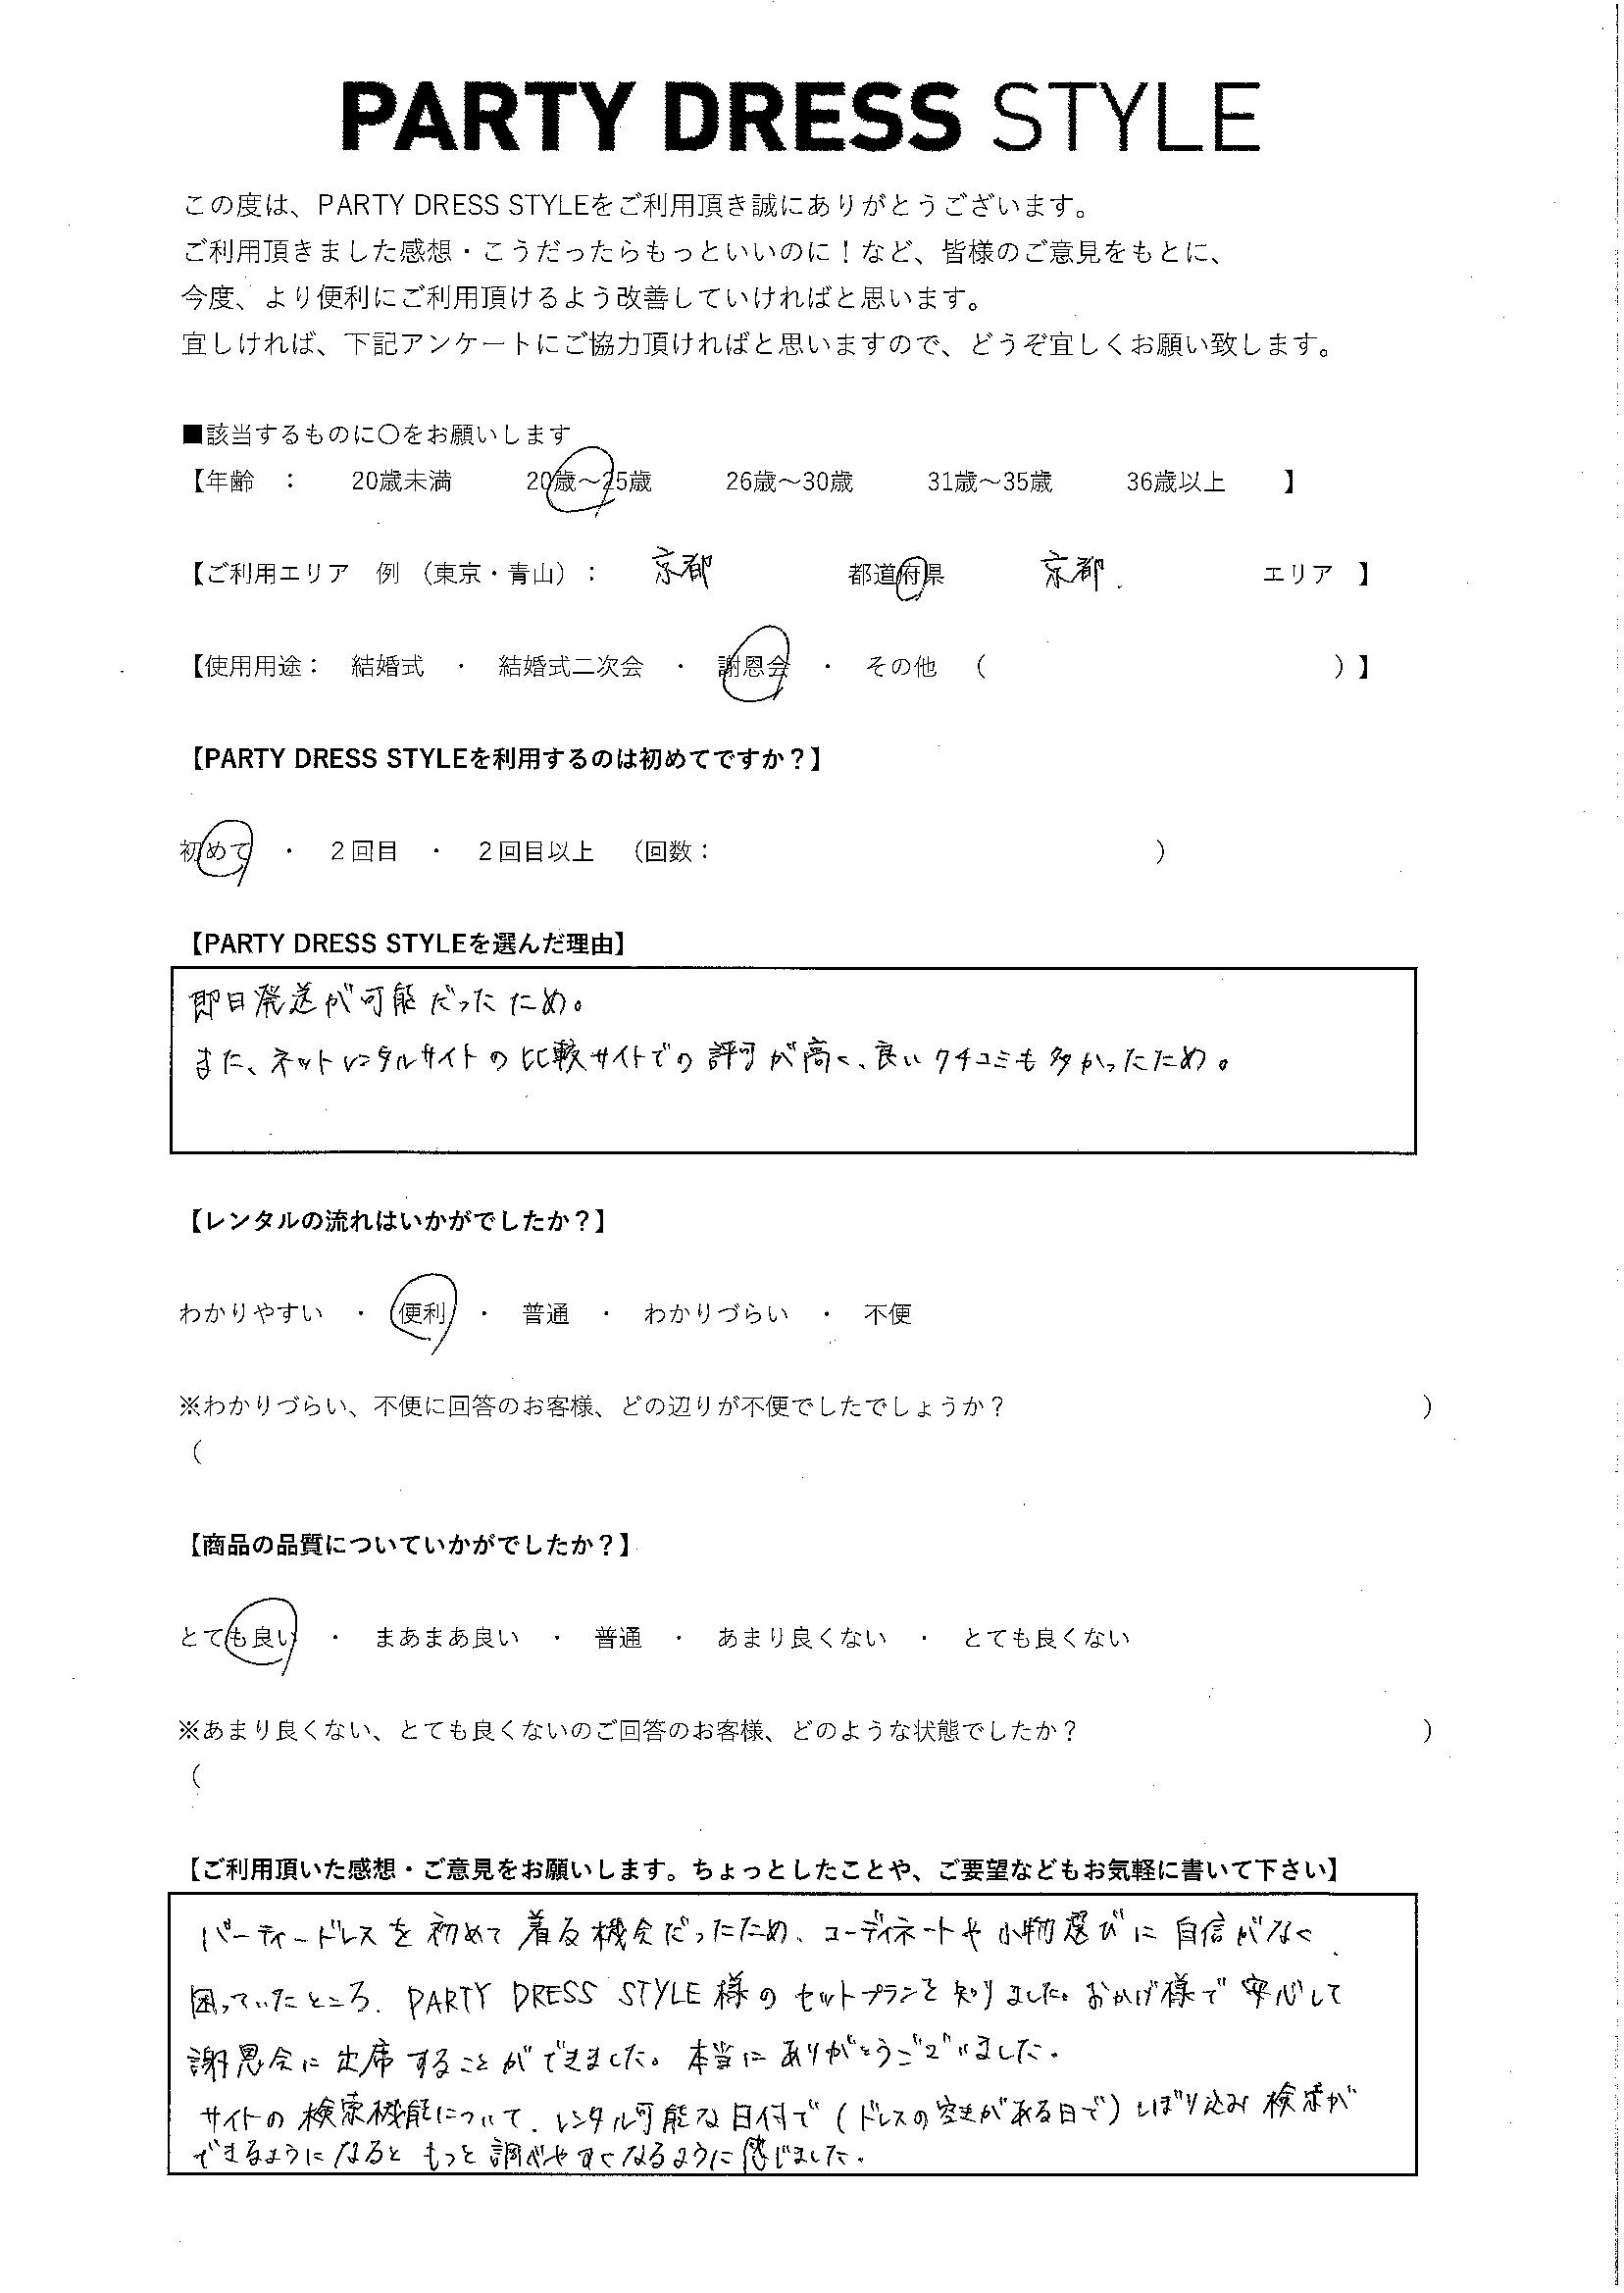 3/14 謝恩会 京都・京都エリア